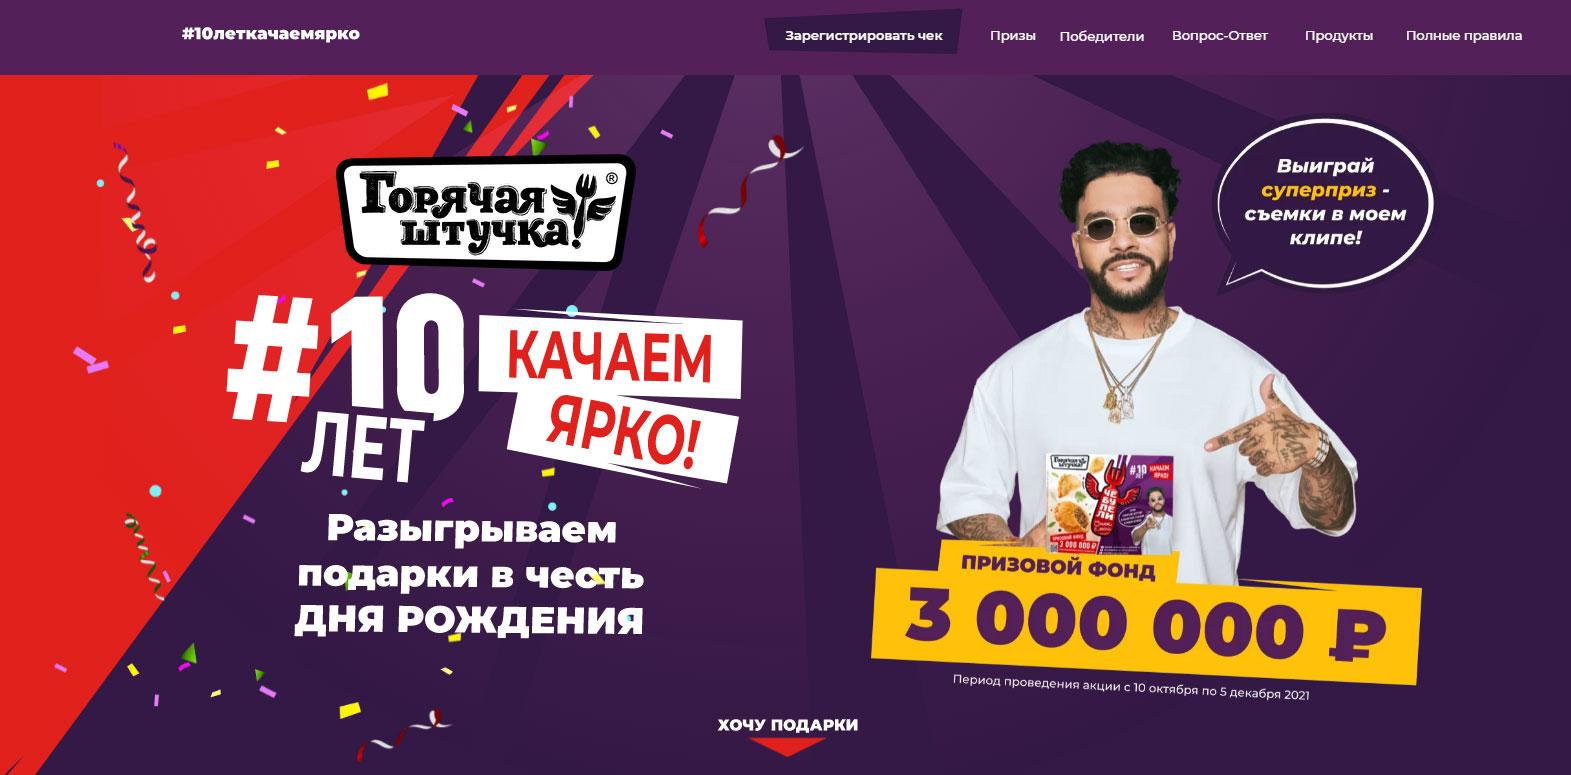 Промо акция Горячая штучка 2021 «10 лет качаем ярко»!